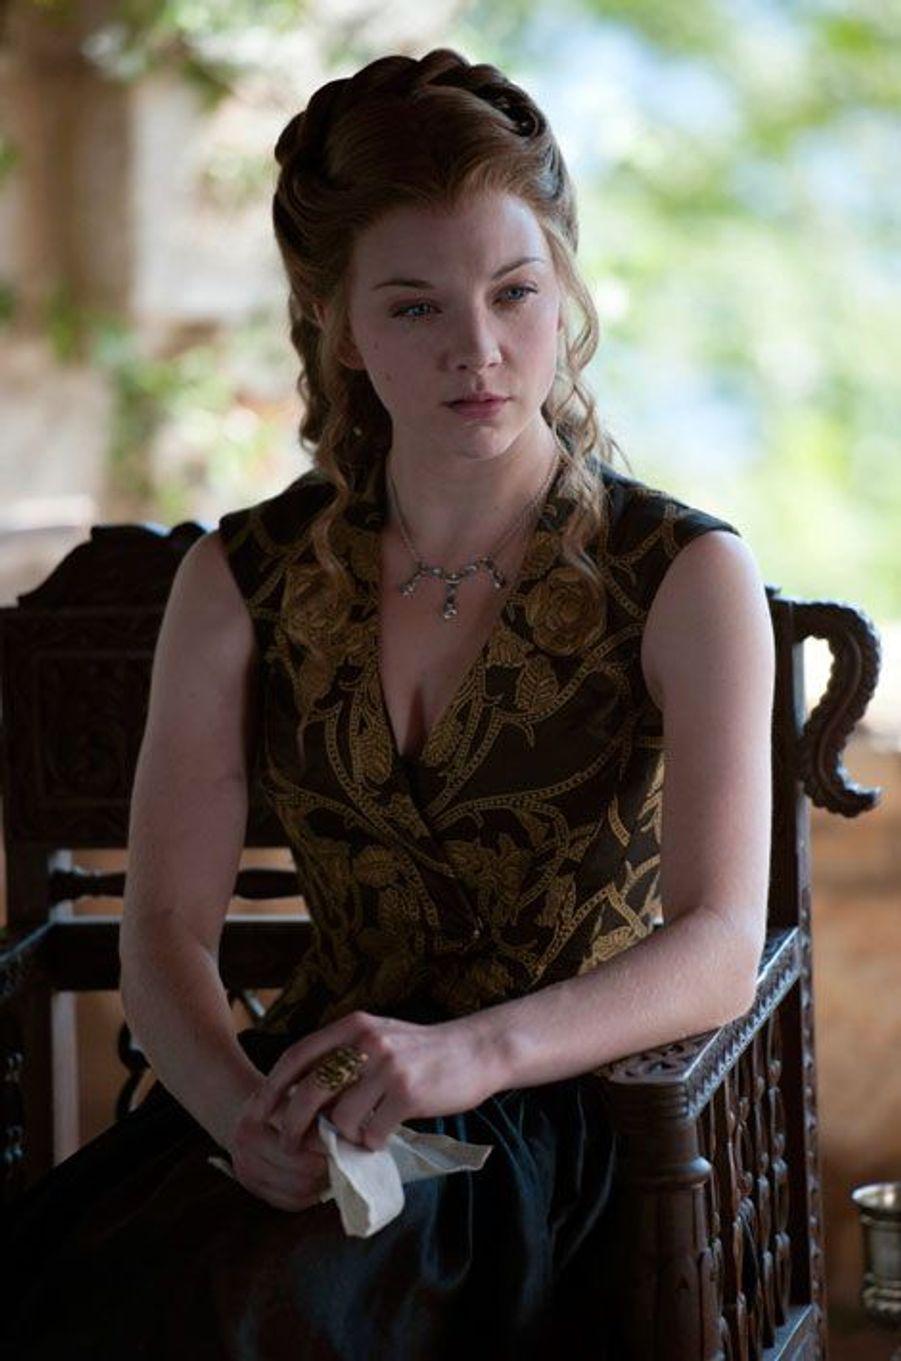 Natalie Dormer (Margaery Tyrell)